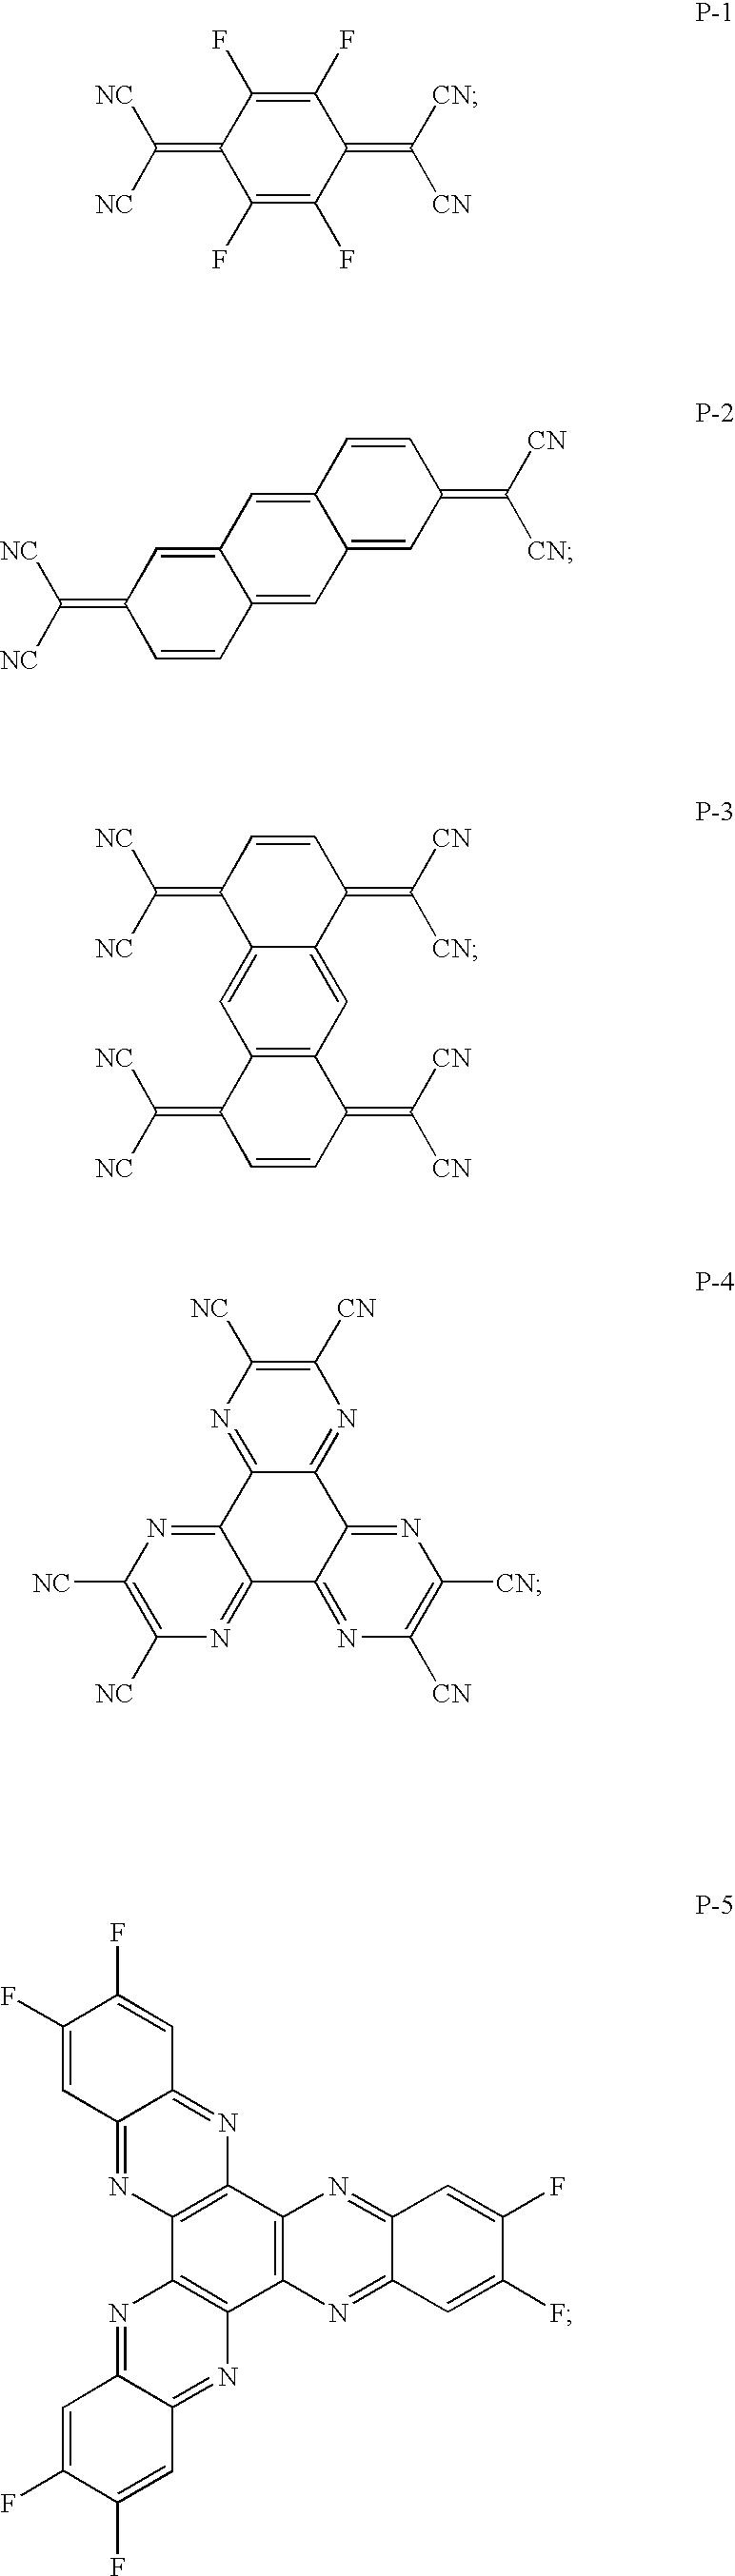 Figure US20090115316A1-20090507-C00002